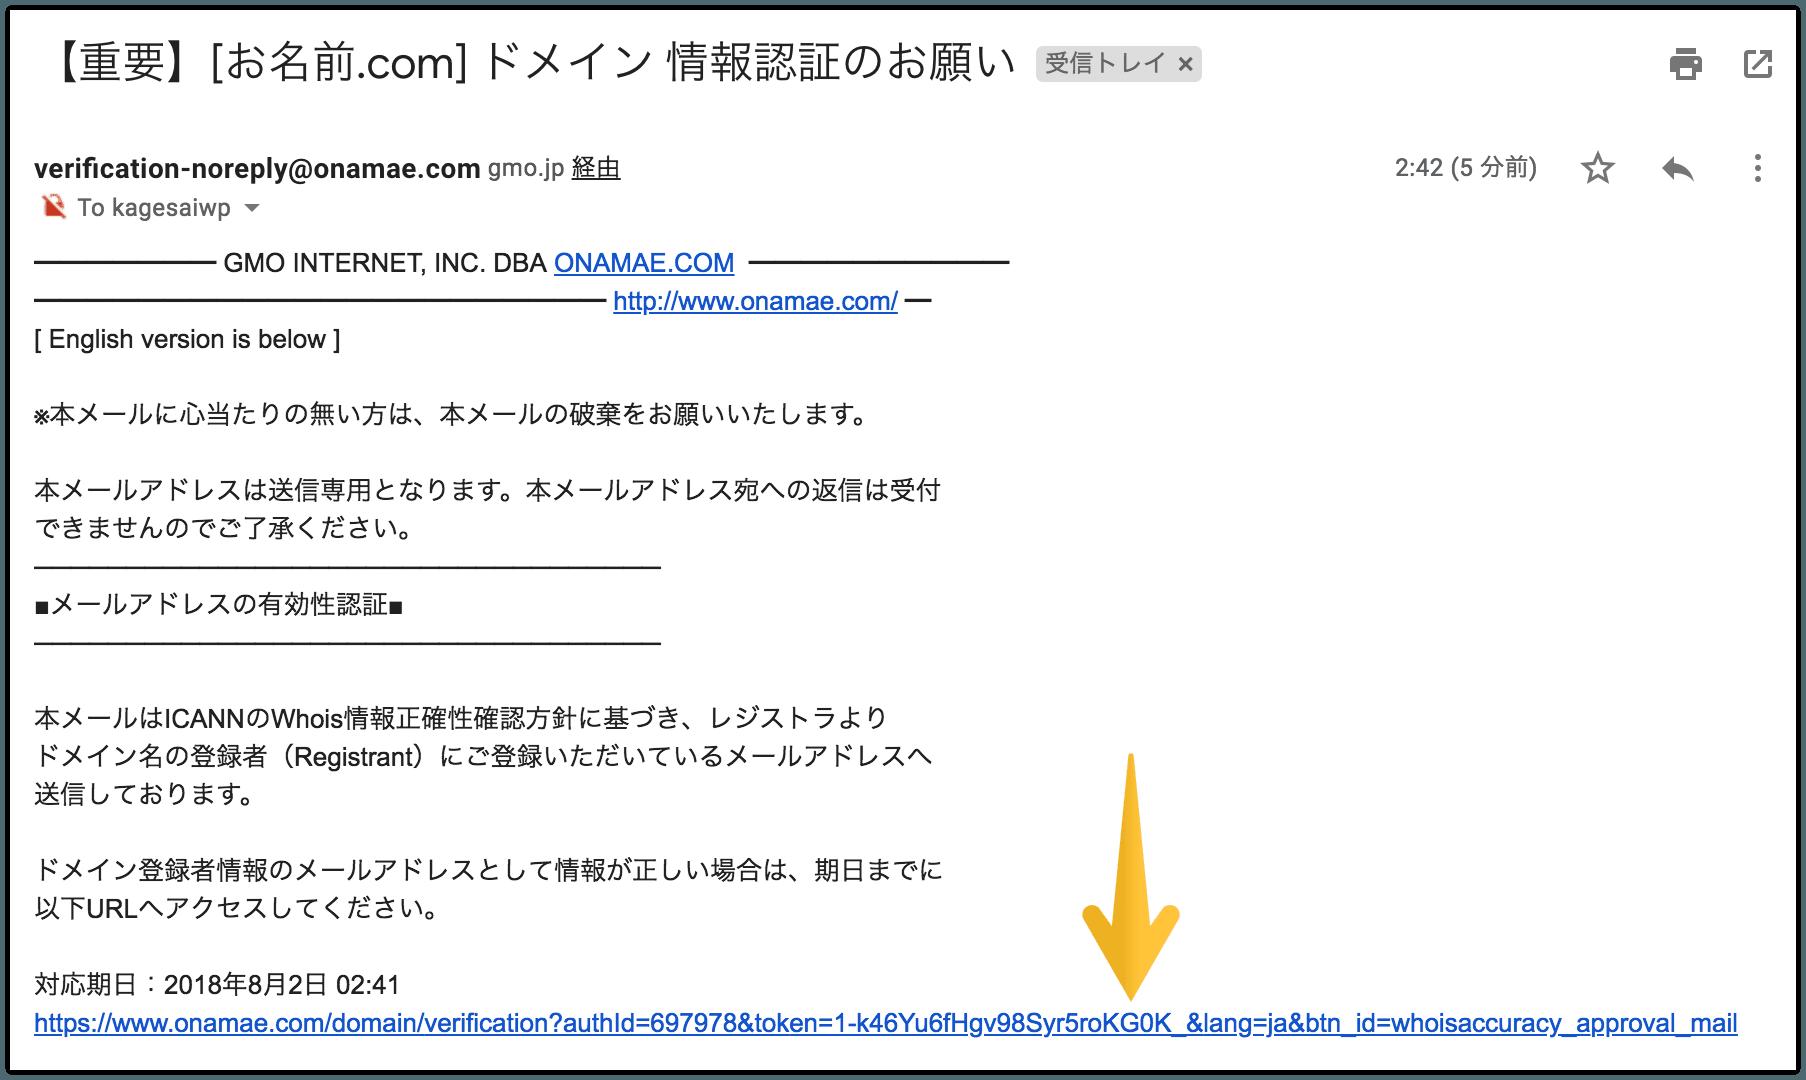 お名前.comドメイン情報認証メール